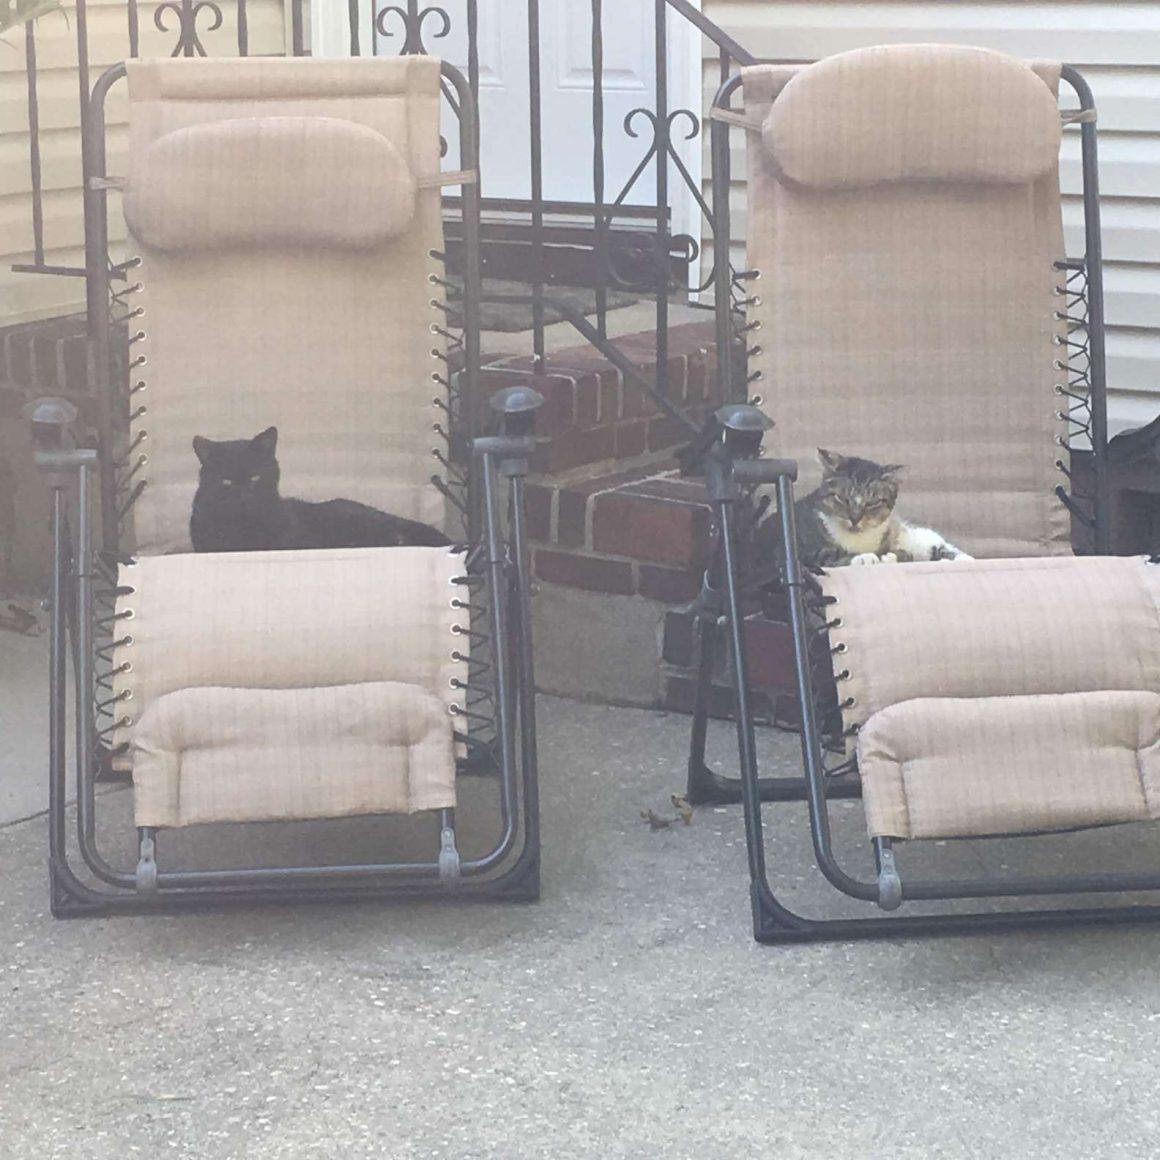 kucing di kursi taman